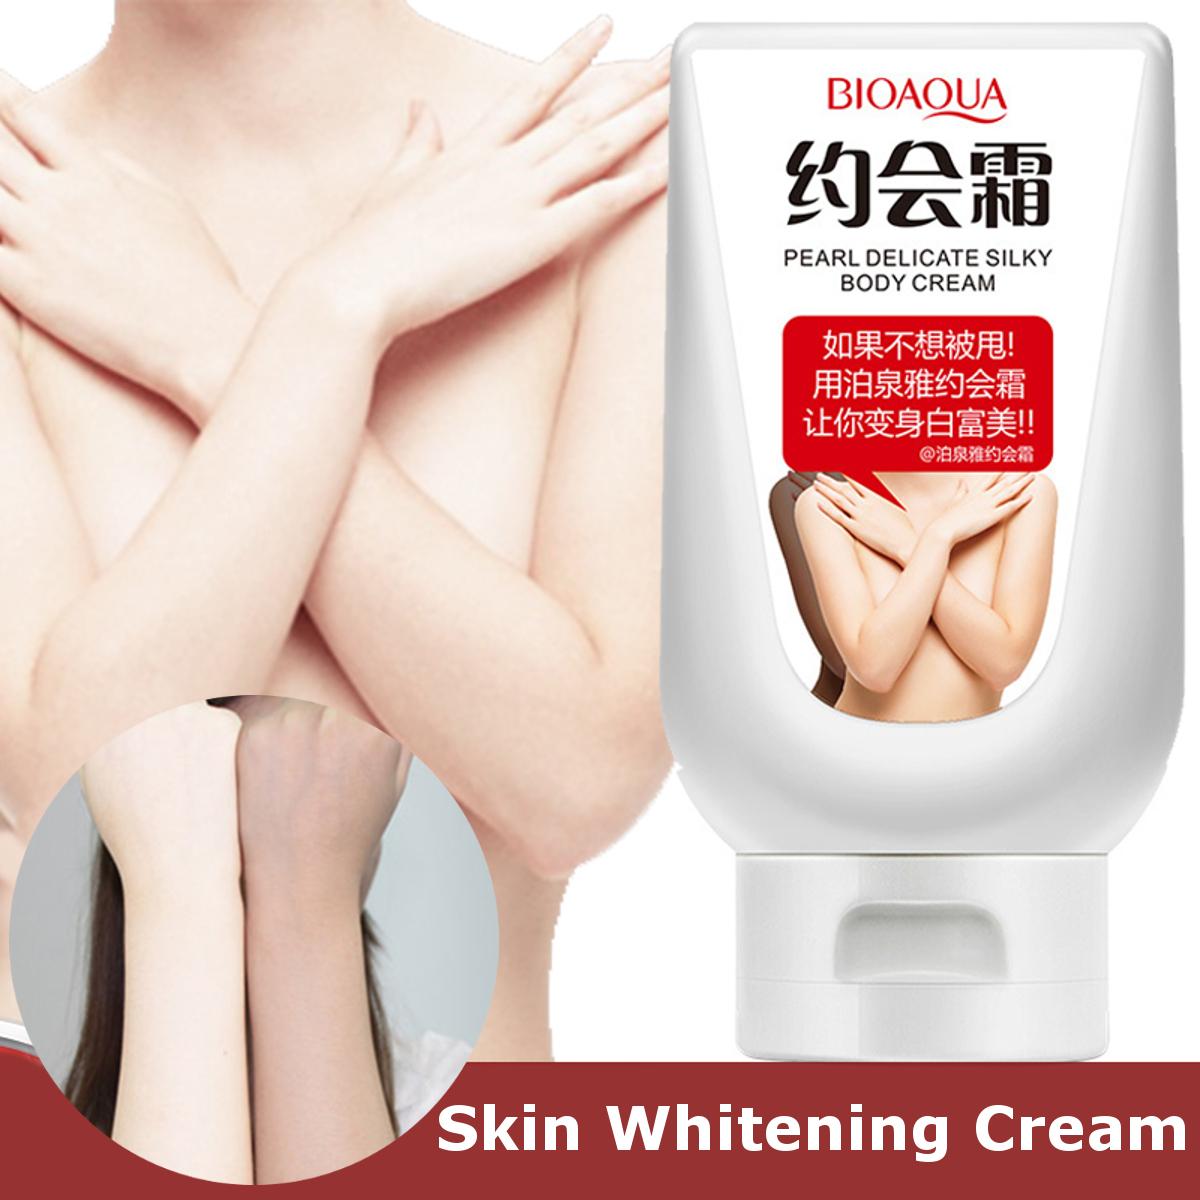 سفید-کننده-فوق-العاده-بدن-بیواکوا